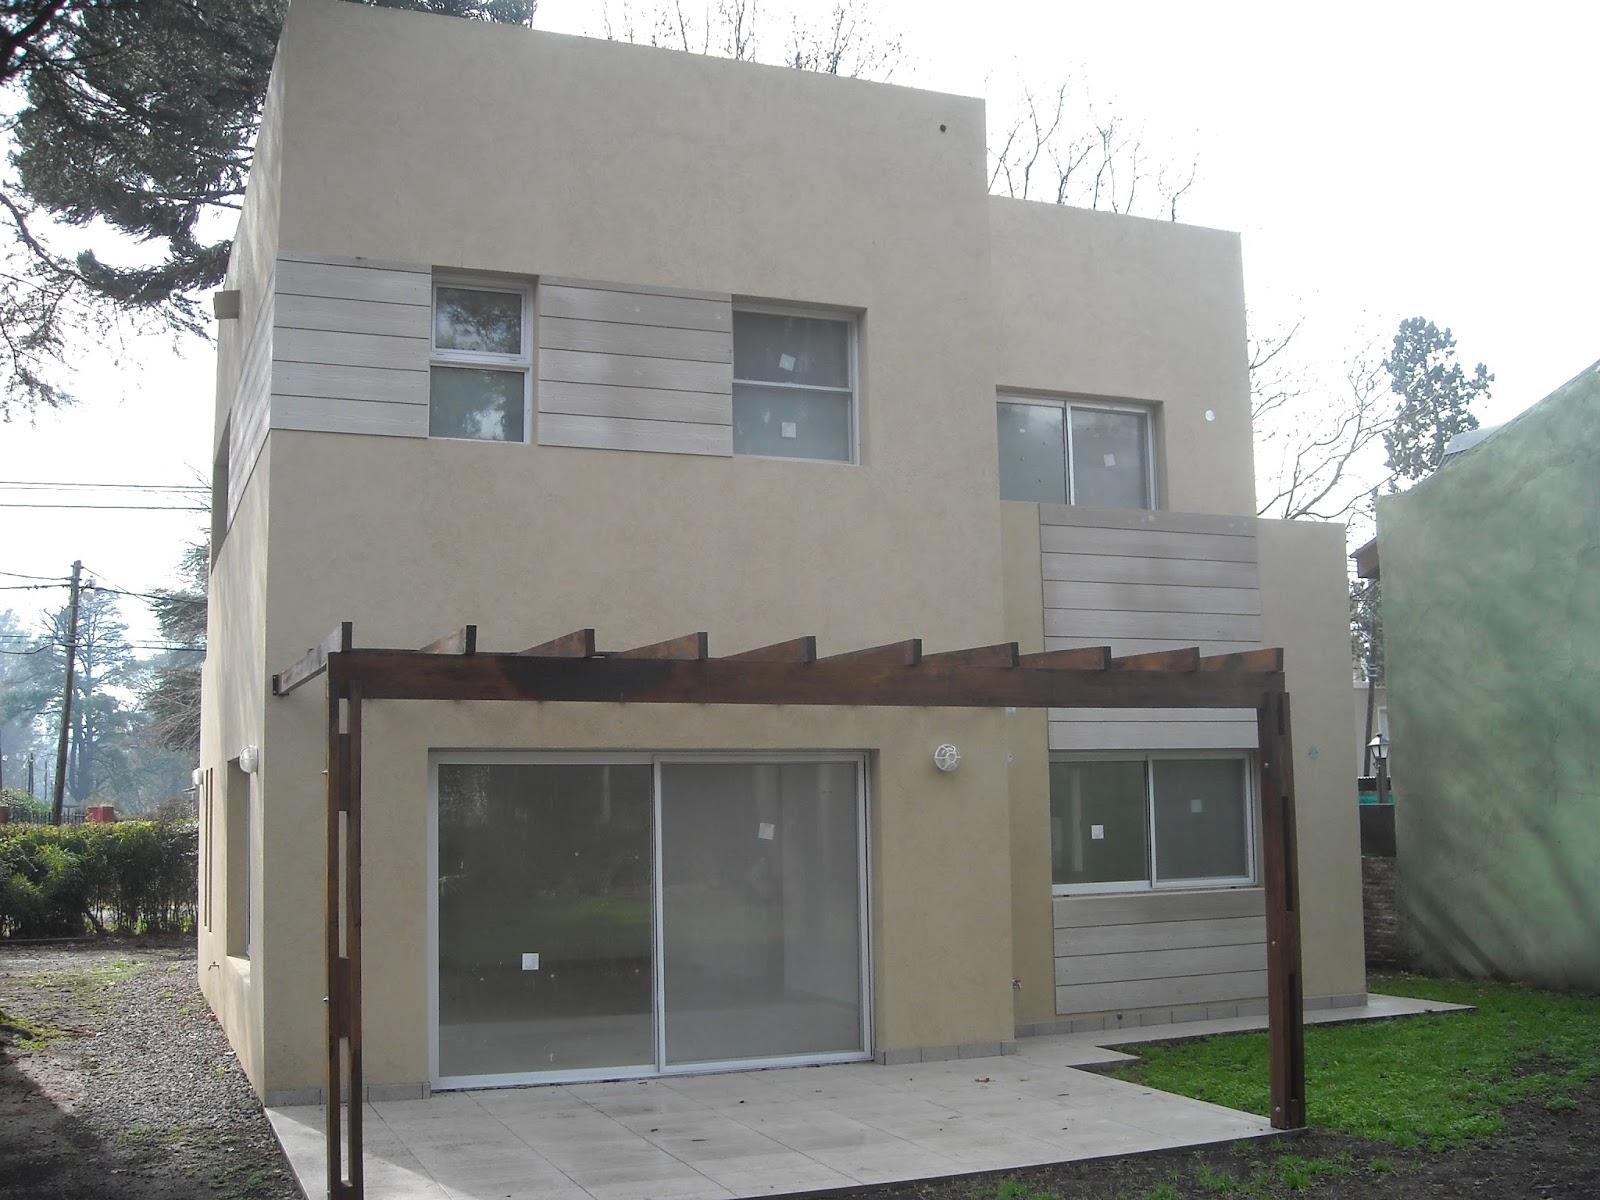 R tavella inmuebles fm2288 5 casa minimalista en venta 5 for Venta casa minimalista df